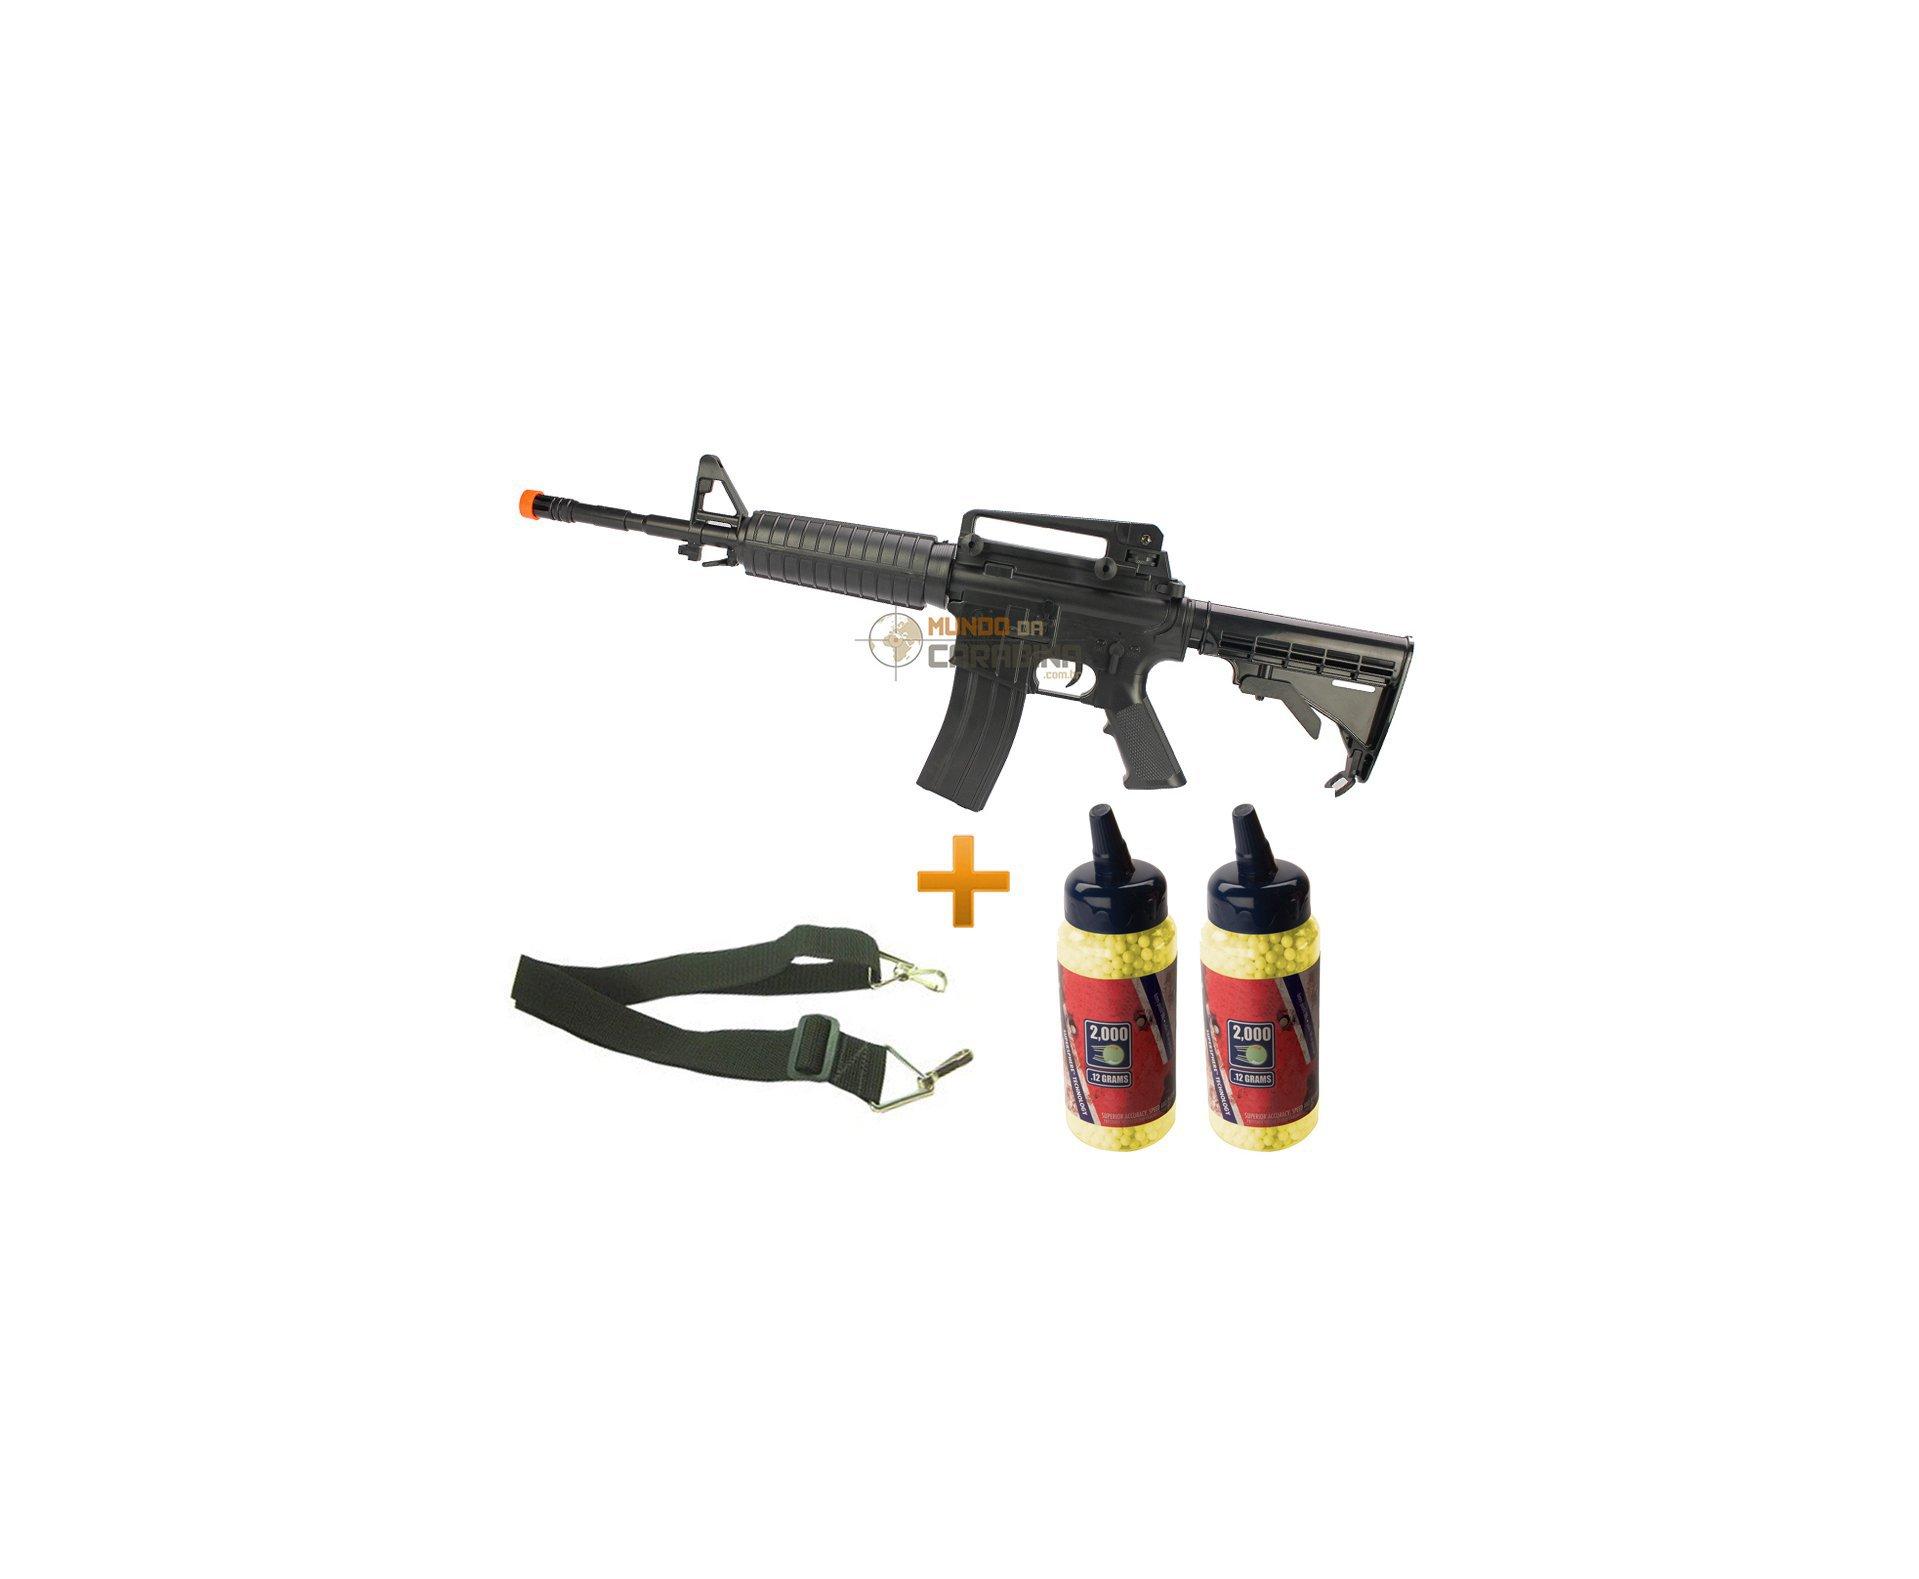 Rifle De Airsoftcolt M4 A1 Spring + Bandoleira + 4000 Esferas 0,12g - Cyber Gun